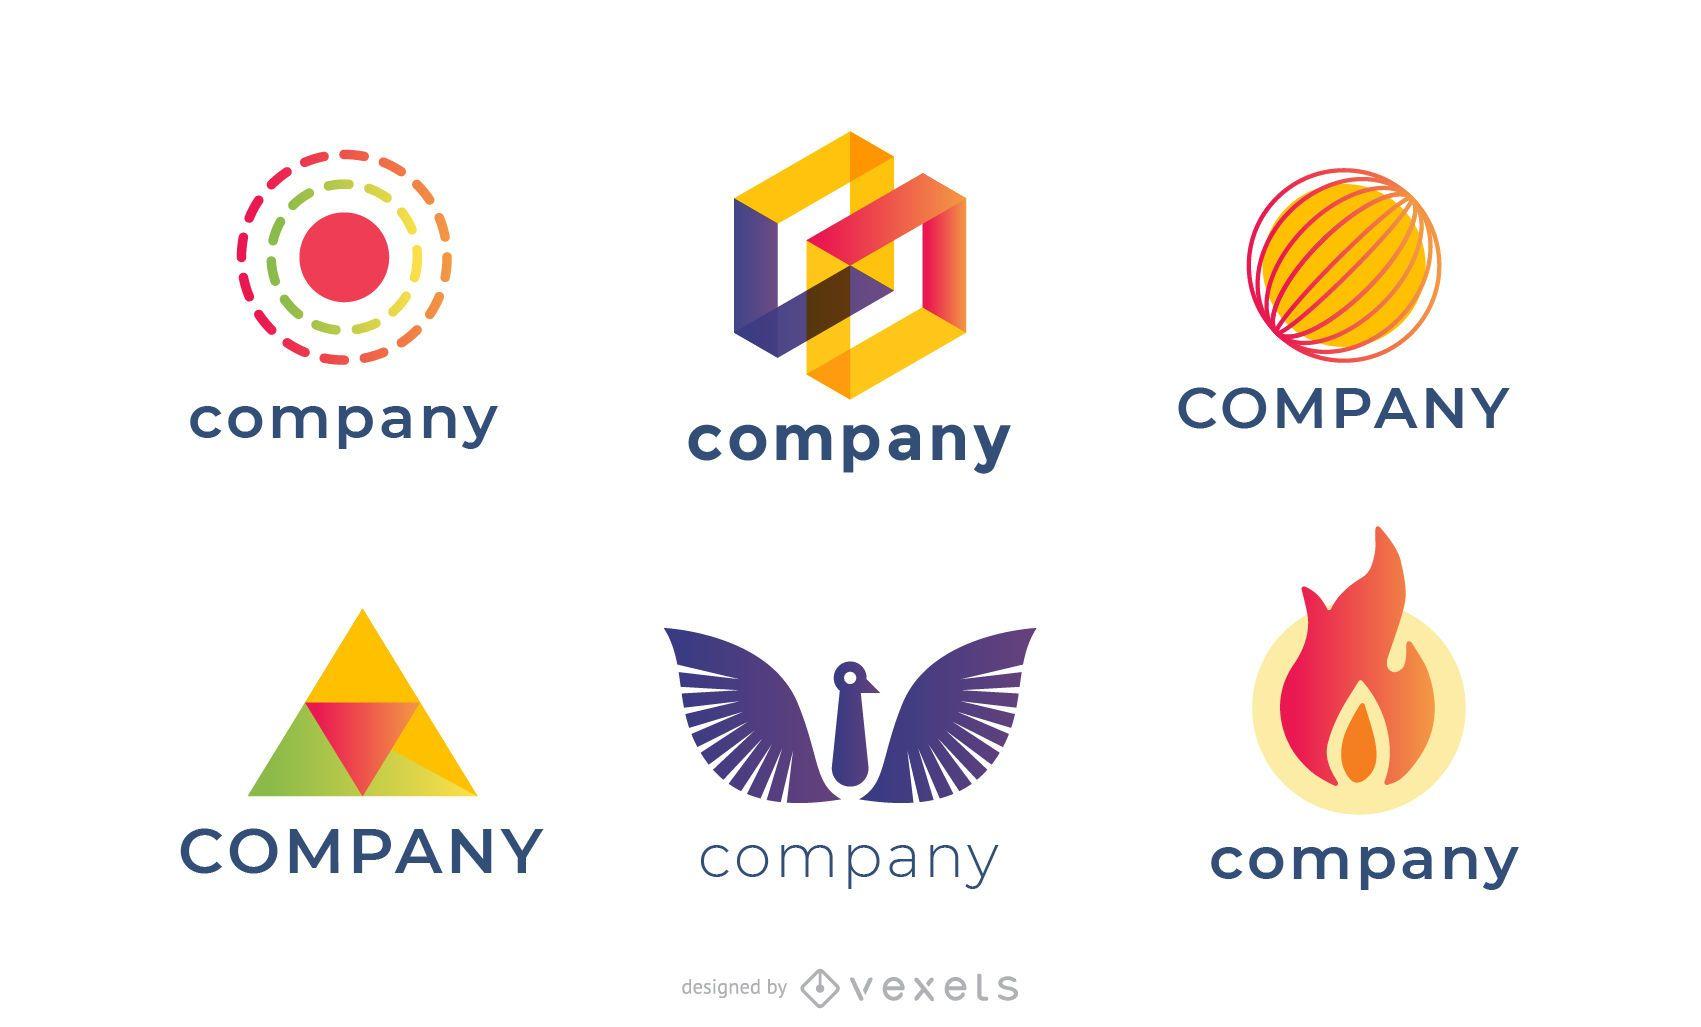 Variedad de diseños de plantillas de logotipos